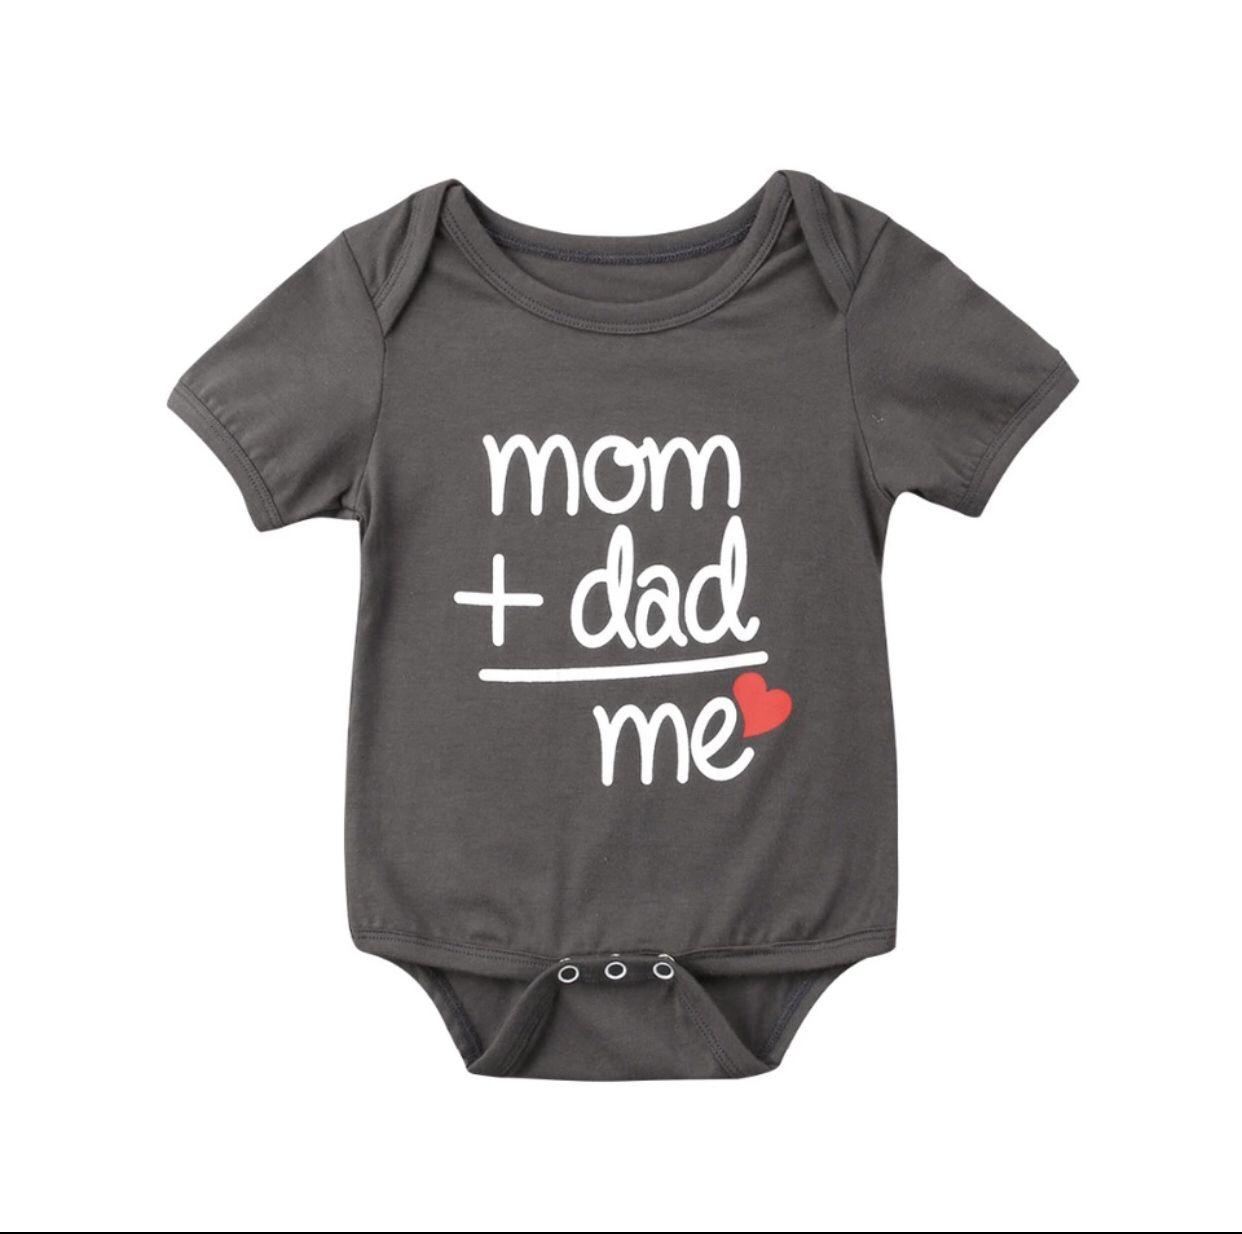 Funny Super Dad Unisex Baby Onesie Baby Clothes Newborn to 18 Months